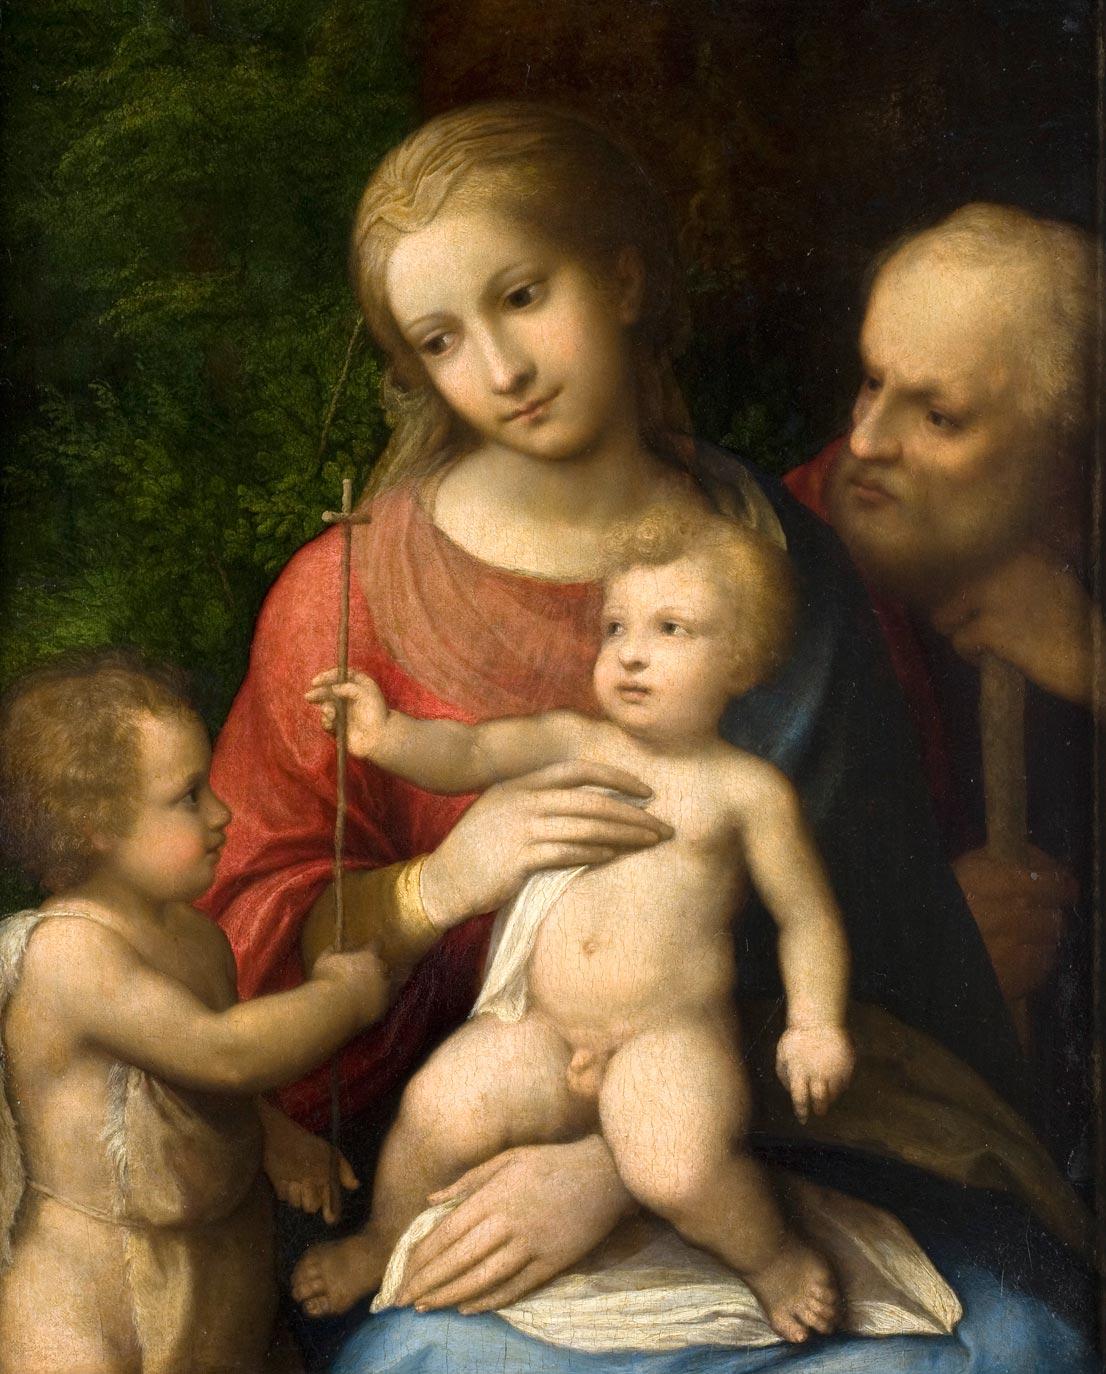 Le Corrège, 1518-1519, La Sainte famille, bois.